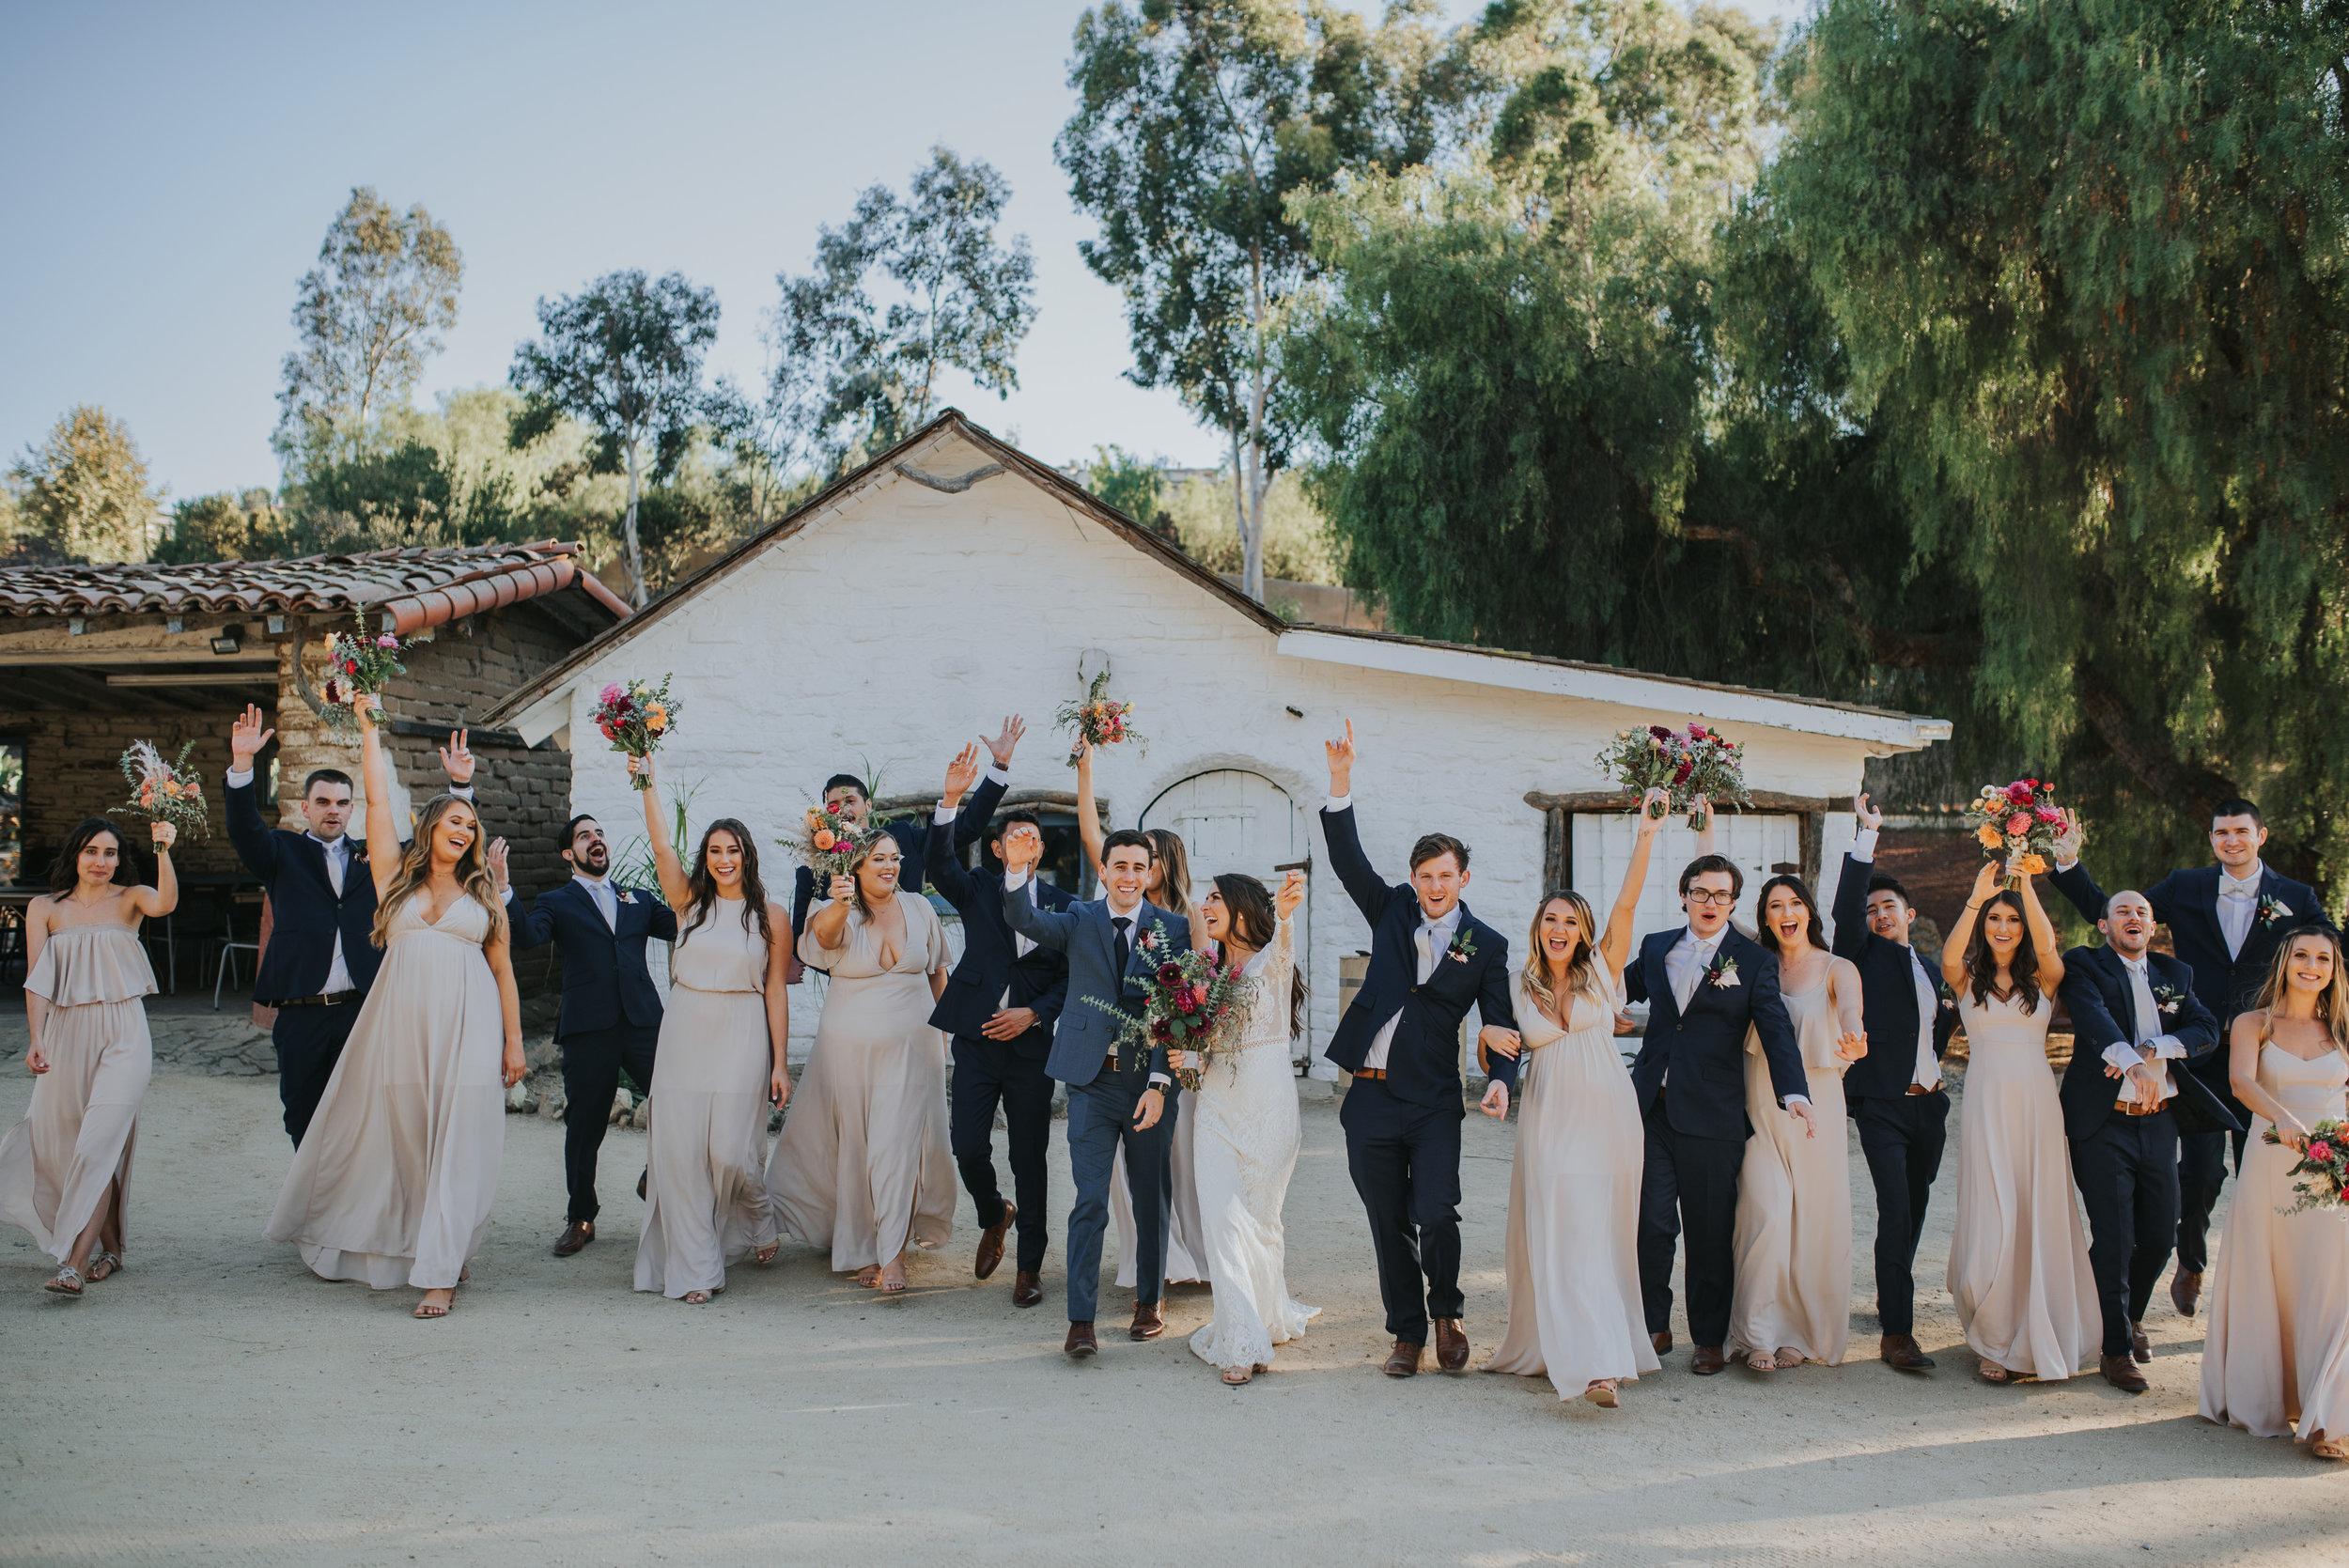 weddingparty-141.jpg